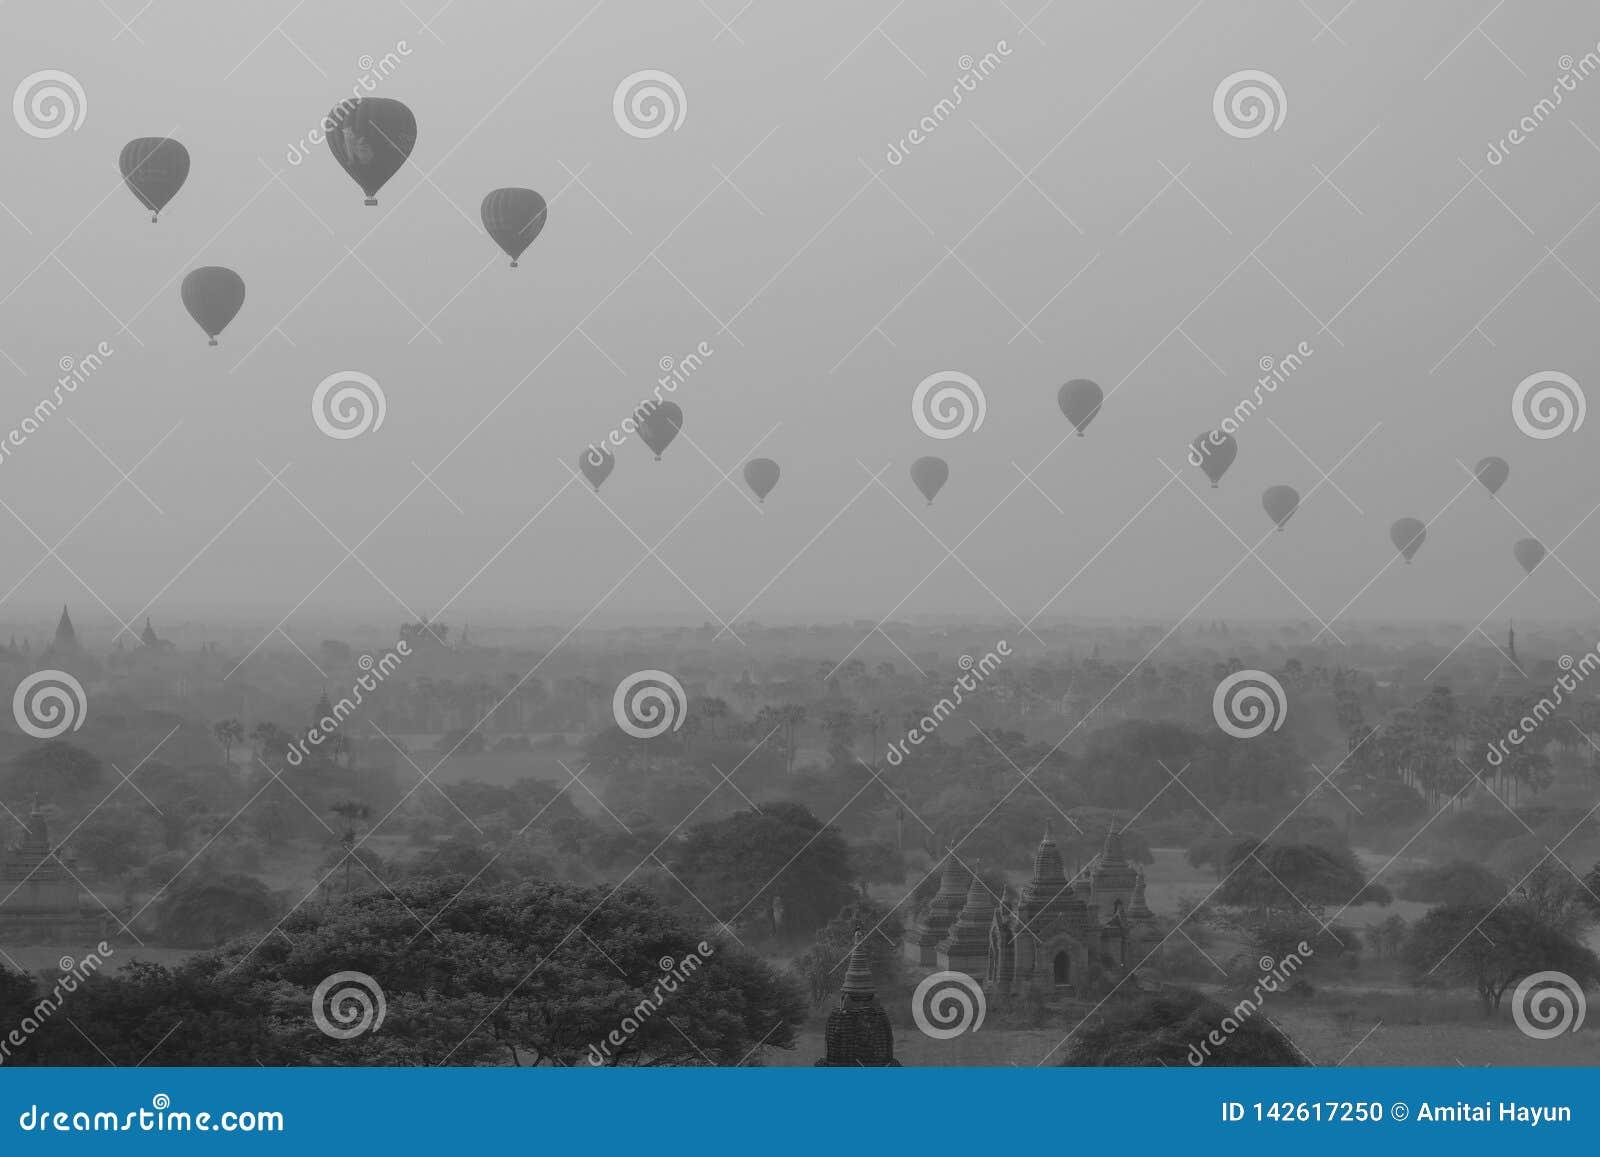 Μπαλόνια και παγόδες